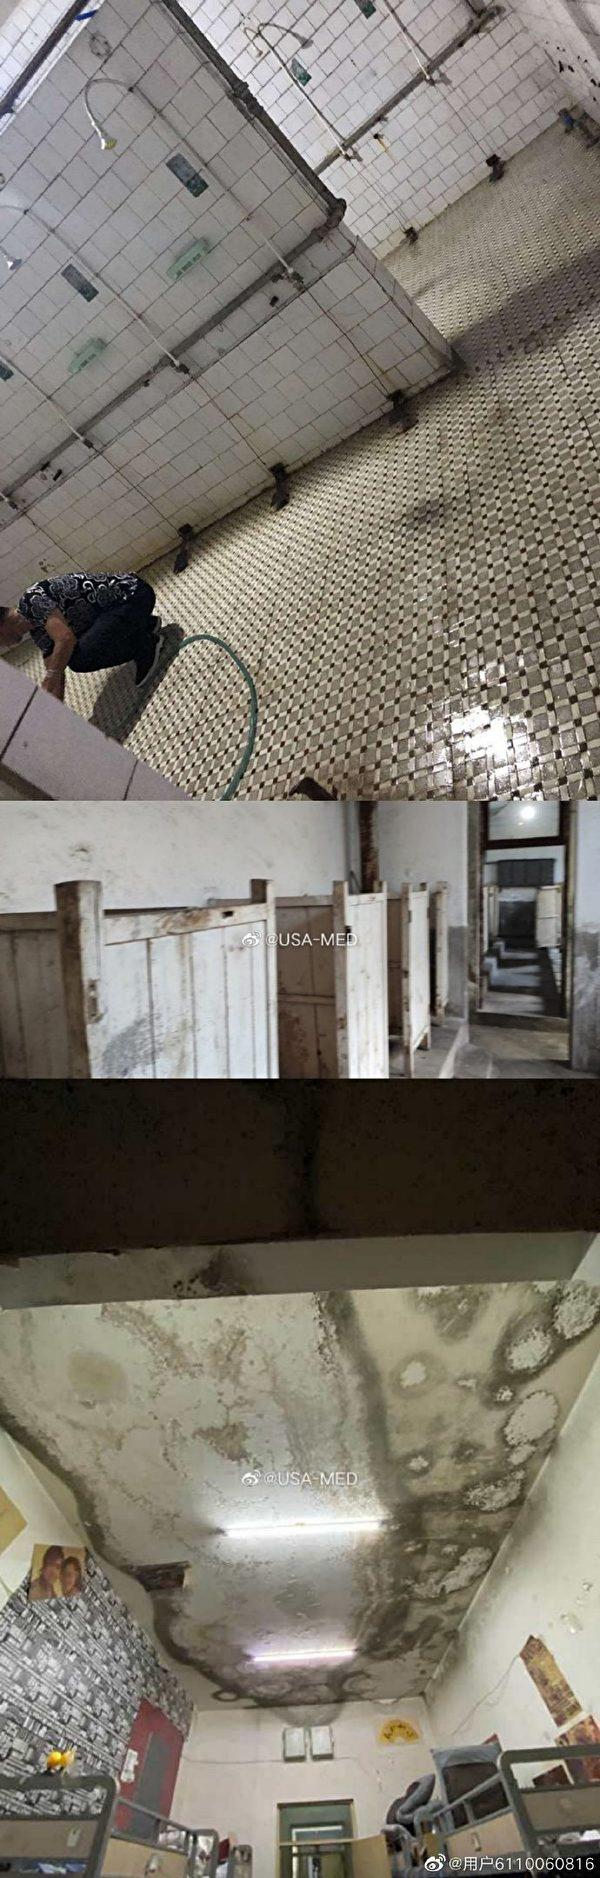 网友爆料南校区的浴室、厕所和宿舍图片。(微博图片)